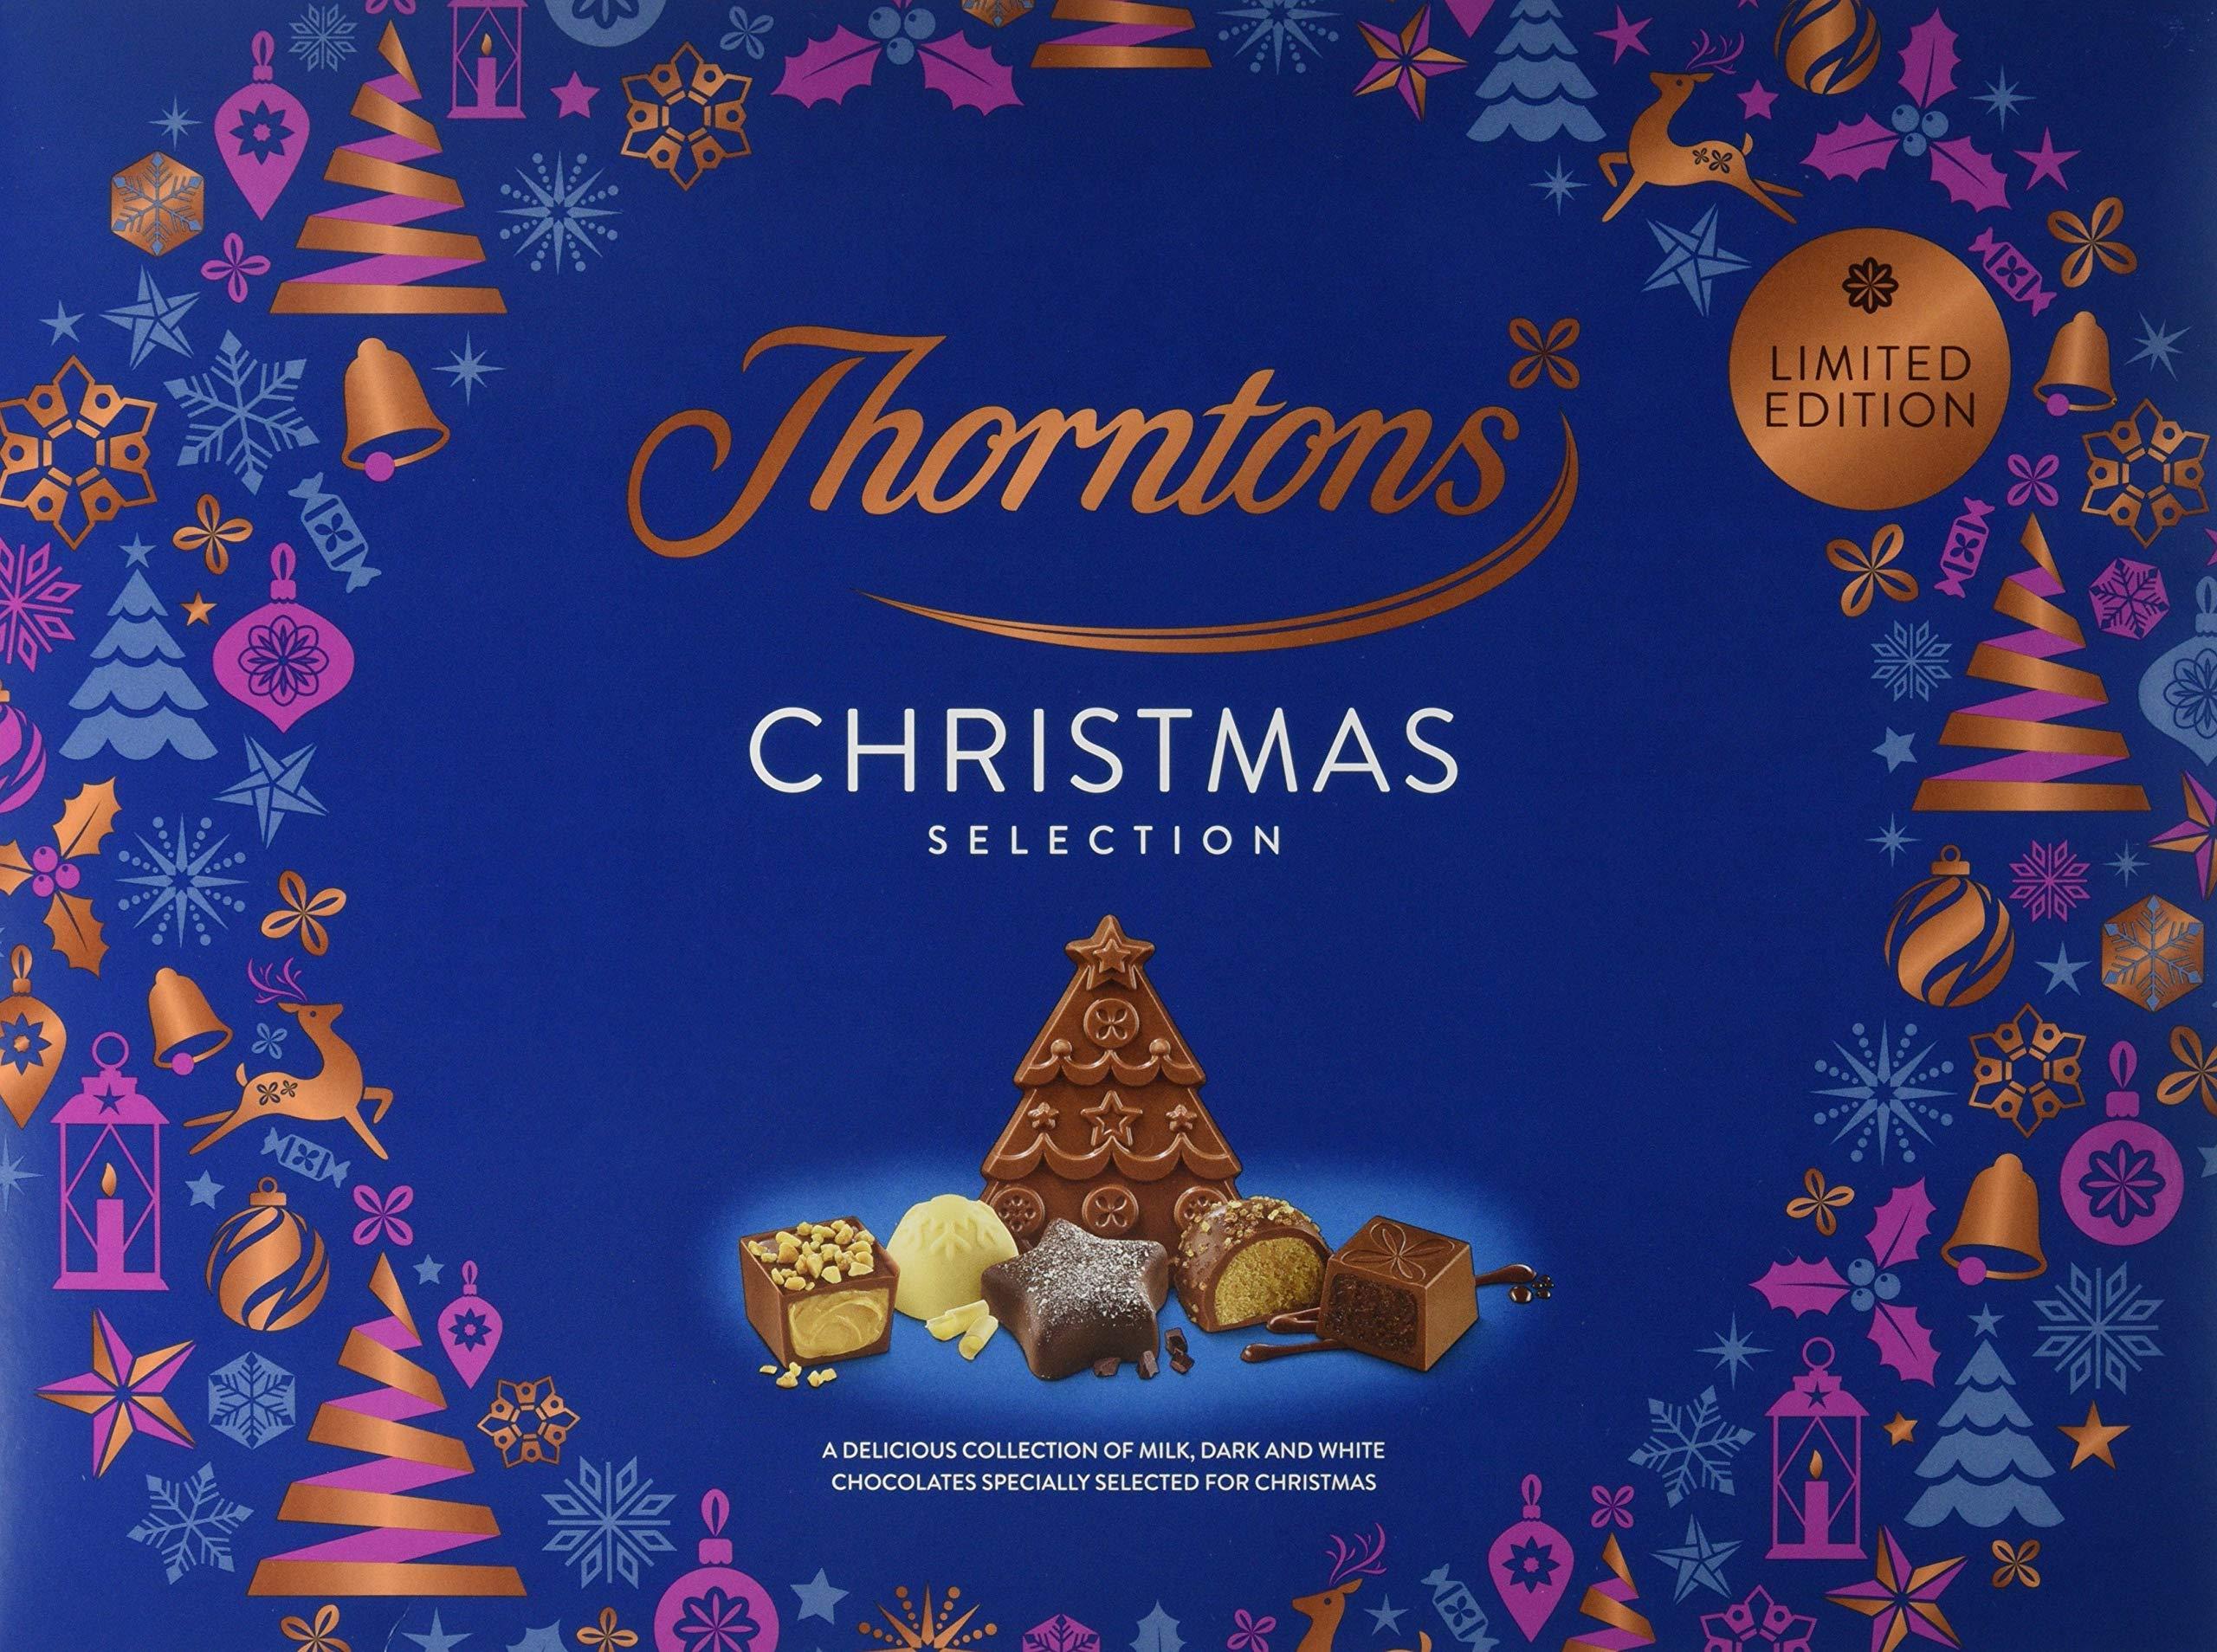 Thorntons Christmas Selection Chocolate Box 418g Fresh